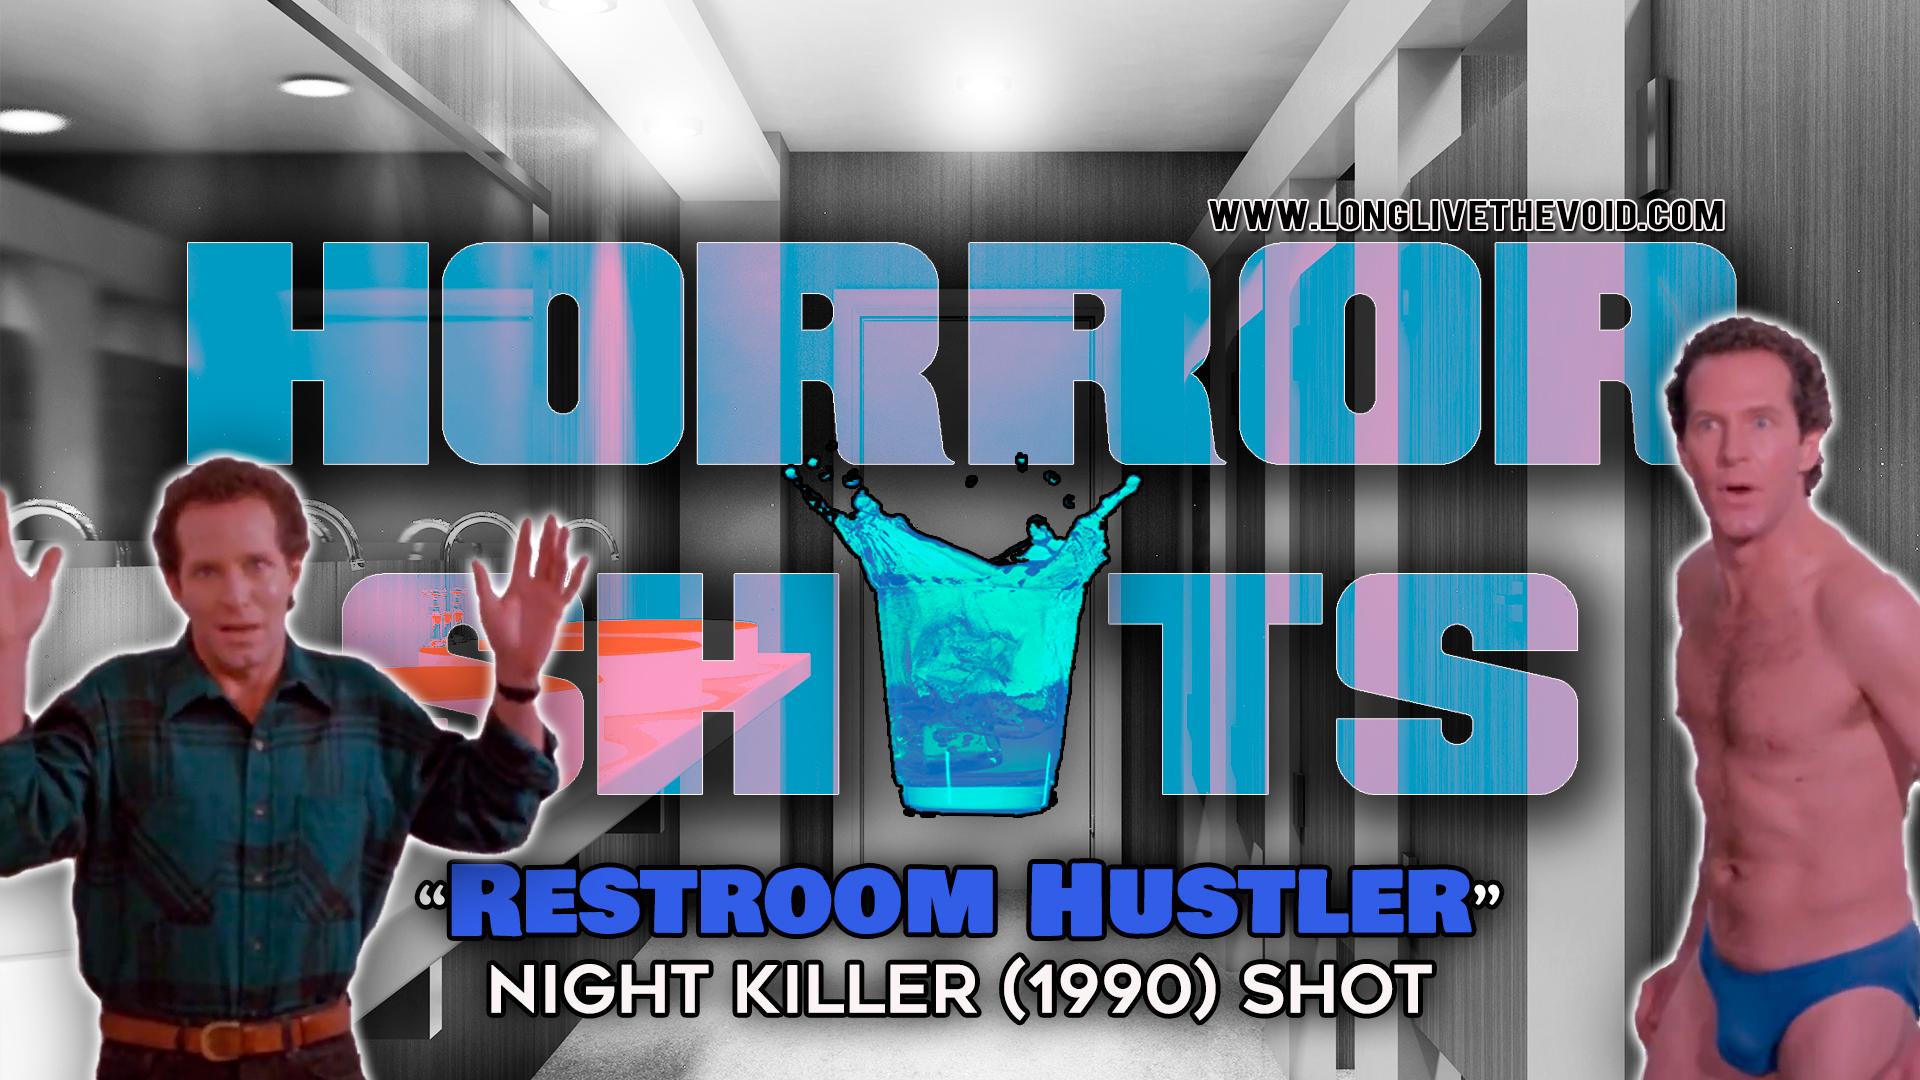 Restroom-Hustler-Night-Killer-(1990)-Shot-HorrorShots.jpg